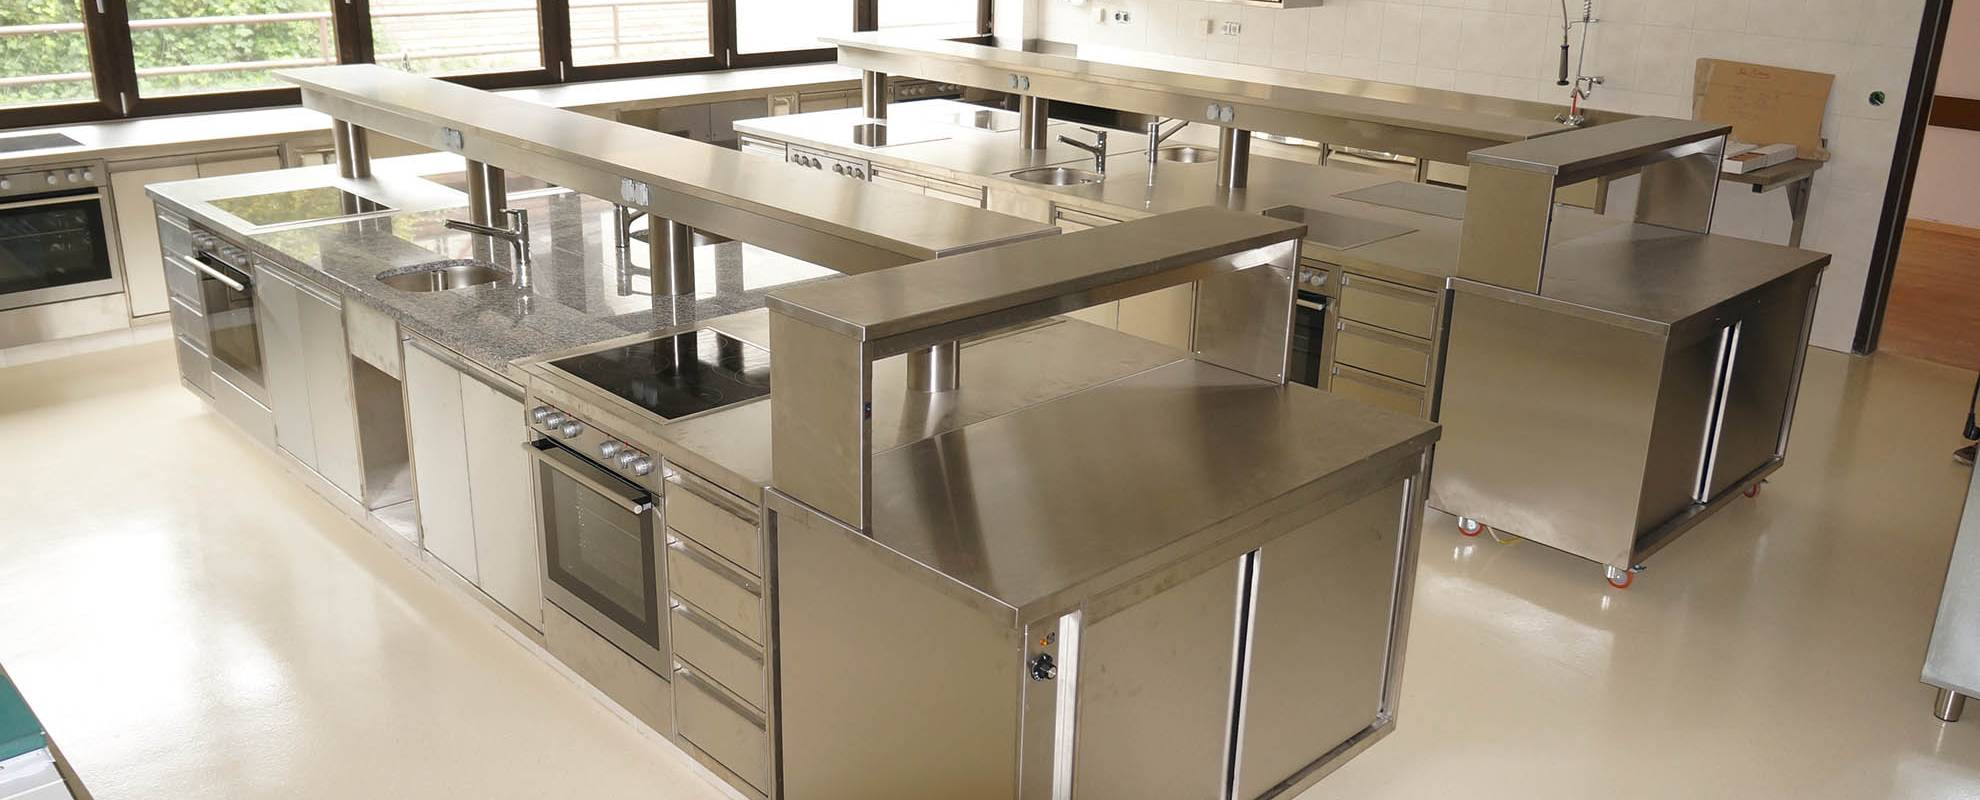 Planung und Design von Großküchen   MPR Design